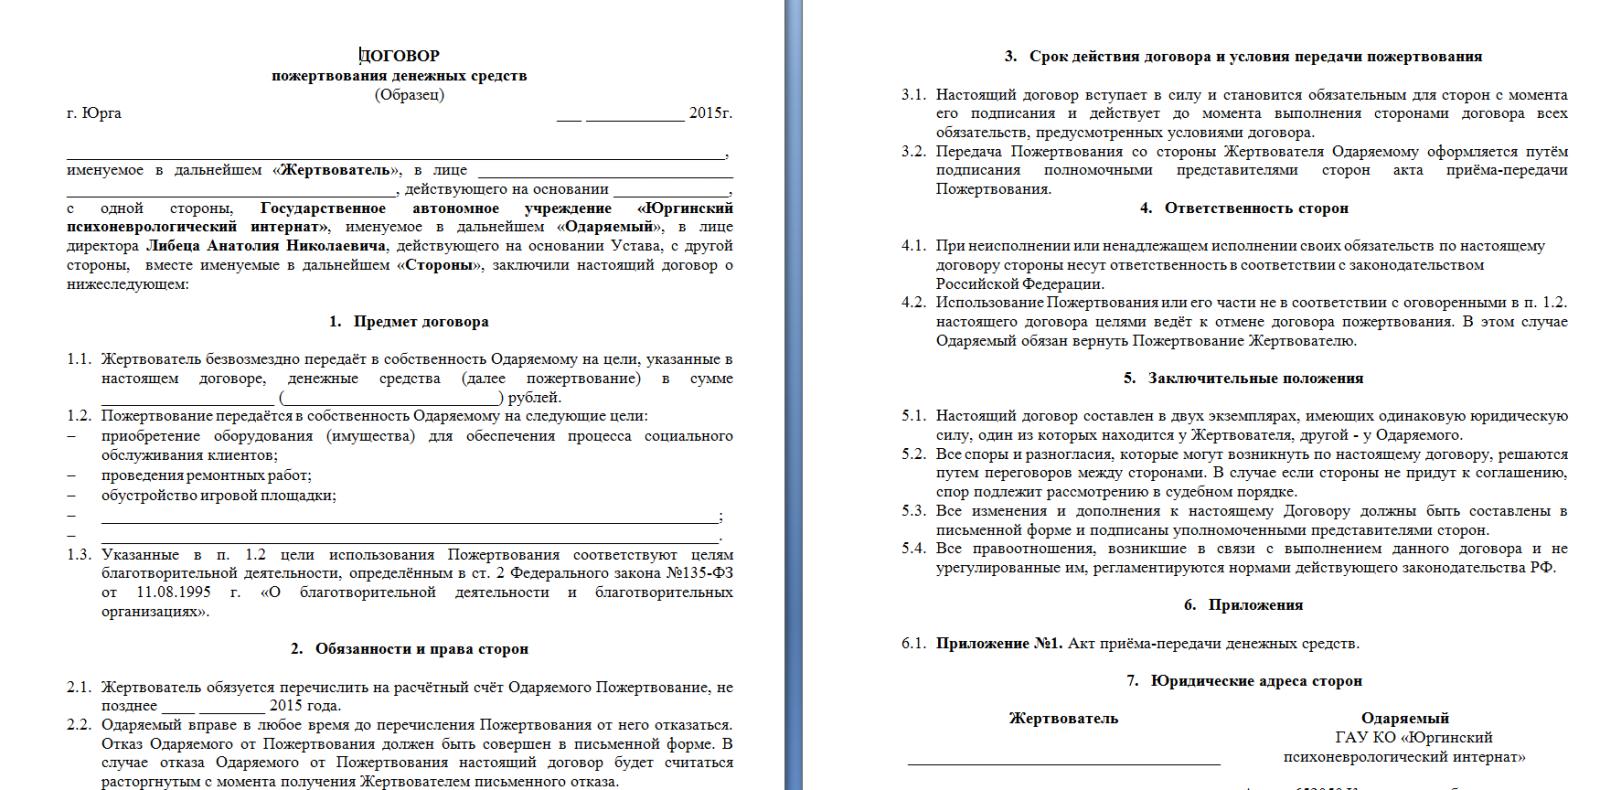 Договор пожертвования имущества муниципалитету